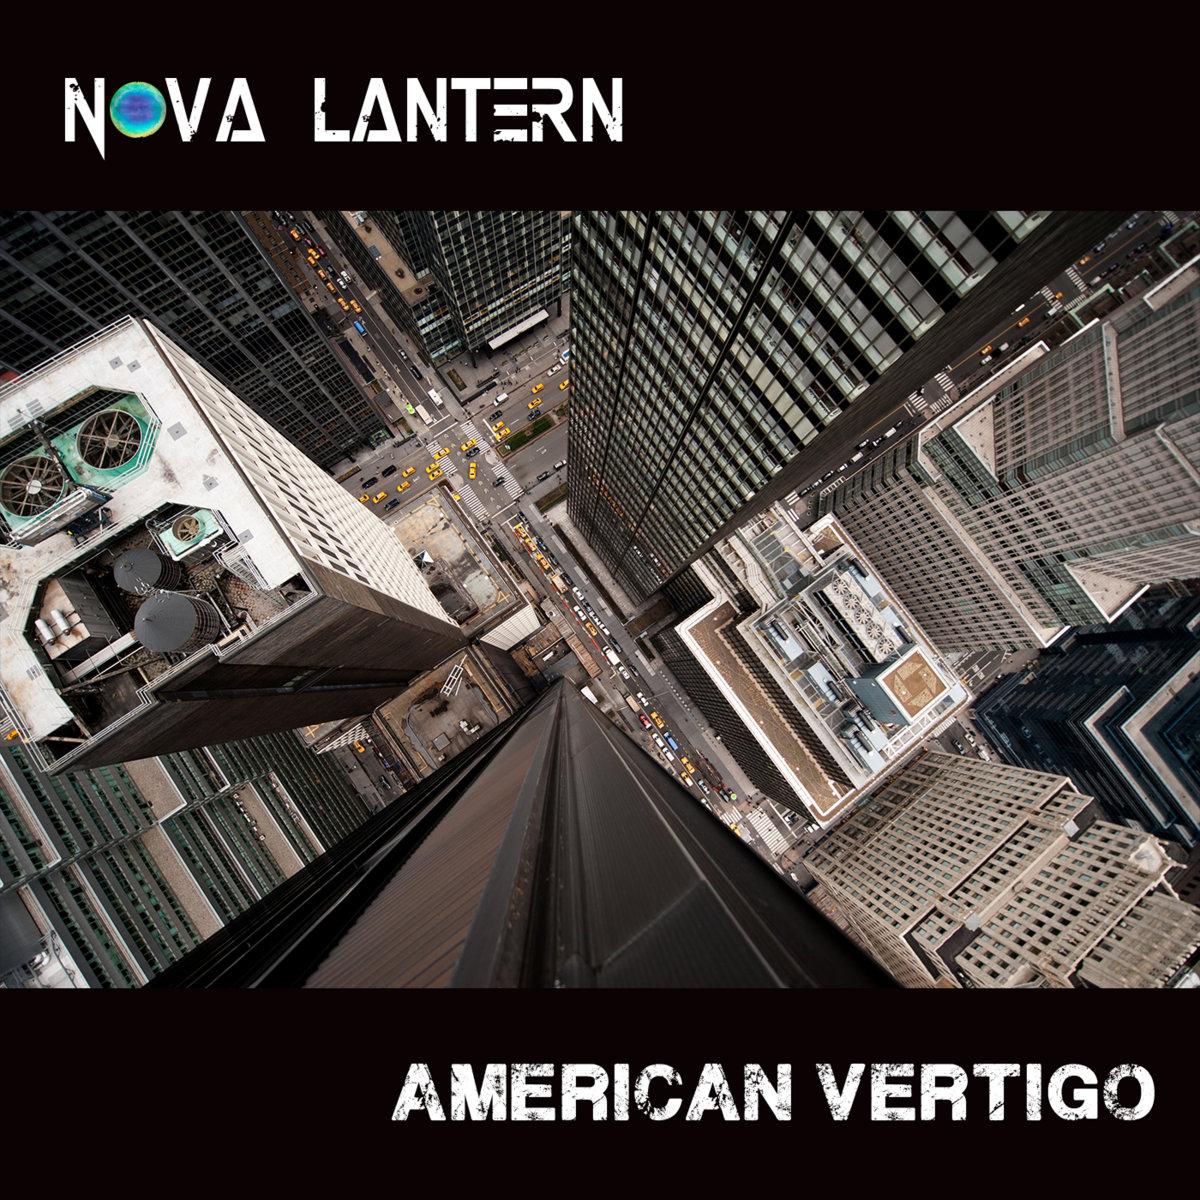 www.facebook.com/novalanternmusic